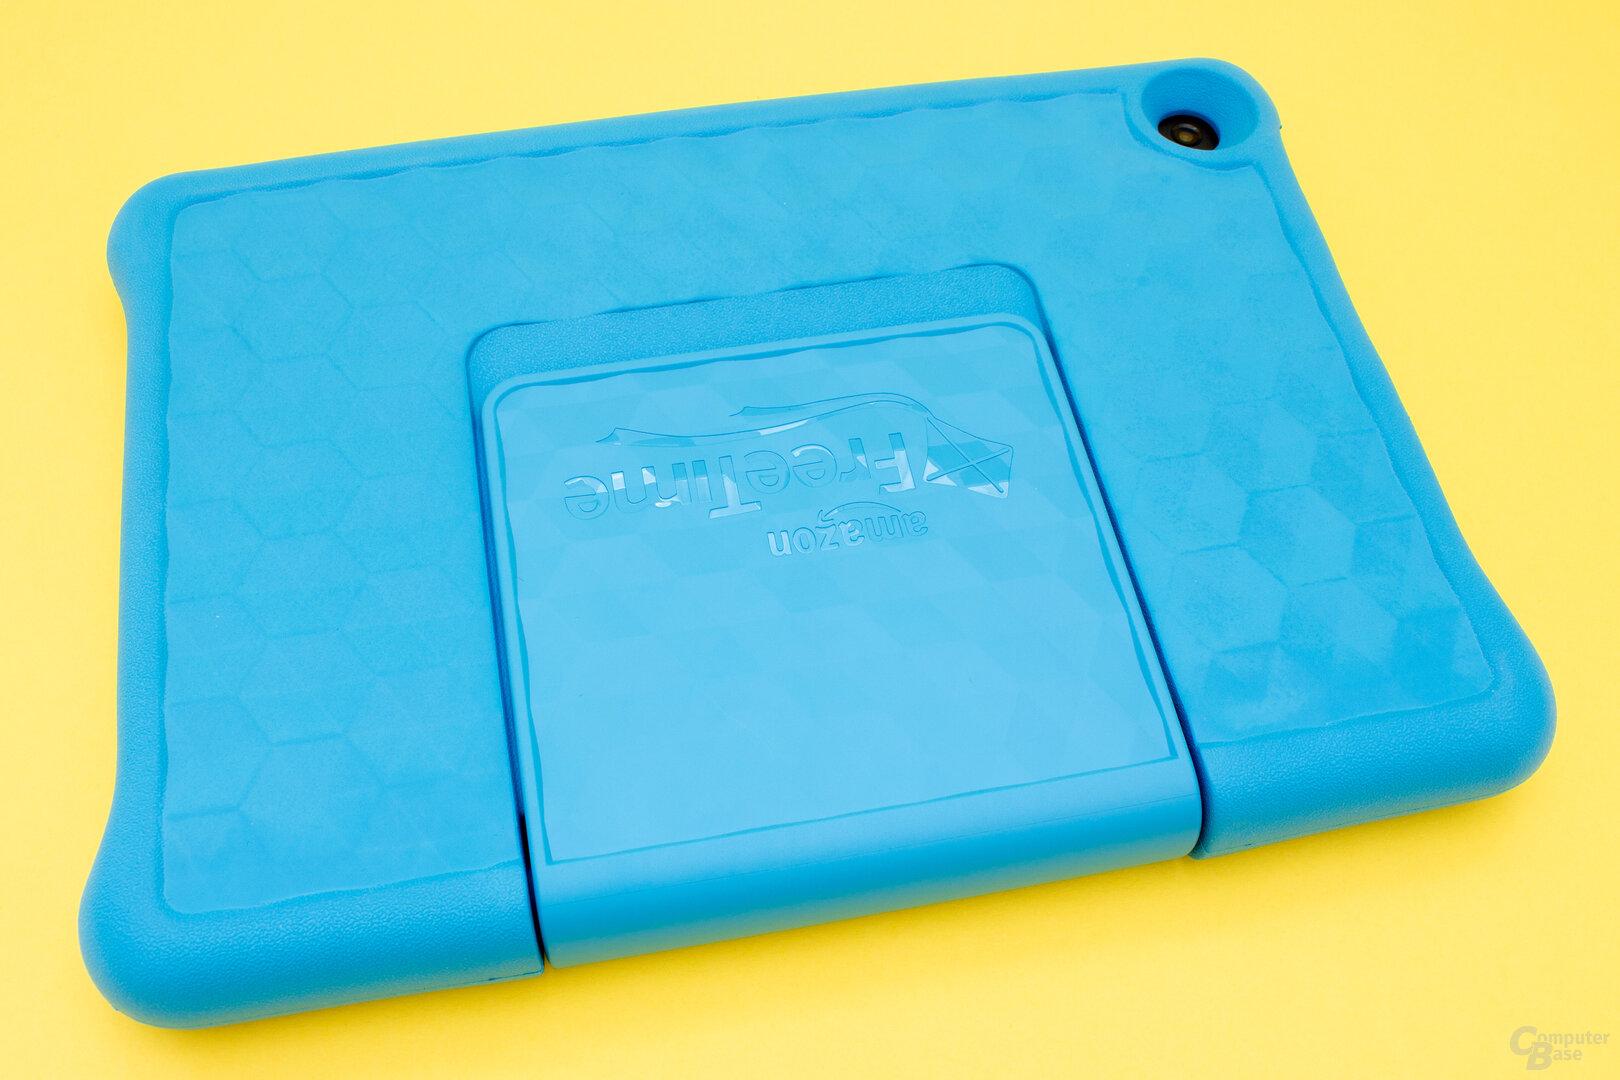 Mit eingeklappten Ständer lässt sich das Fire HD 10 wie ein normales Tablet nutzen